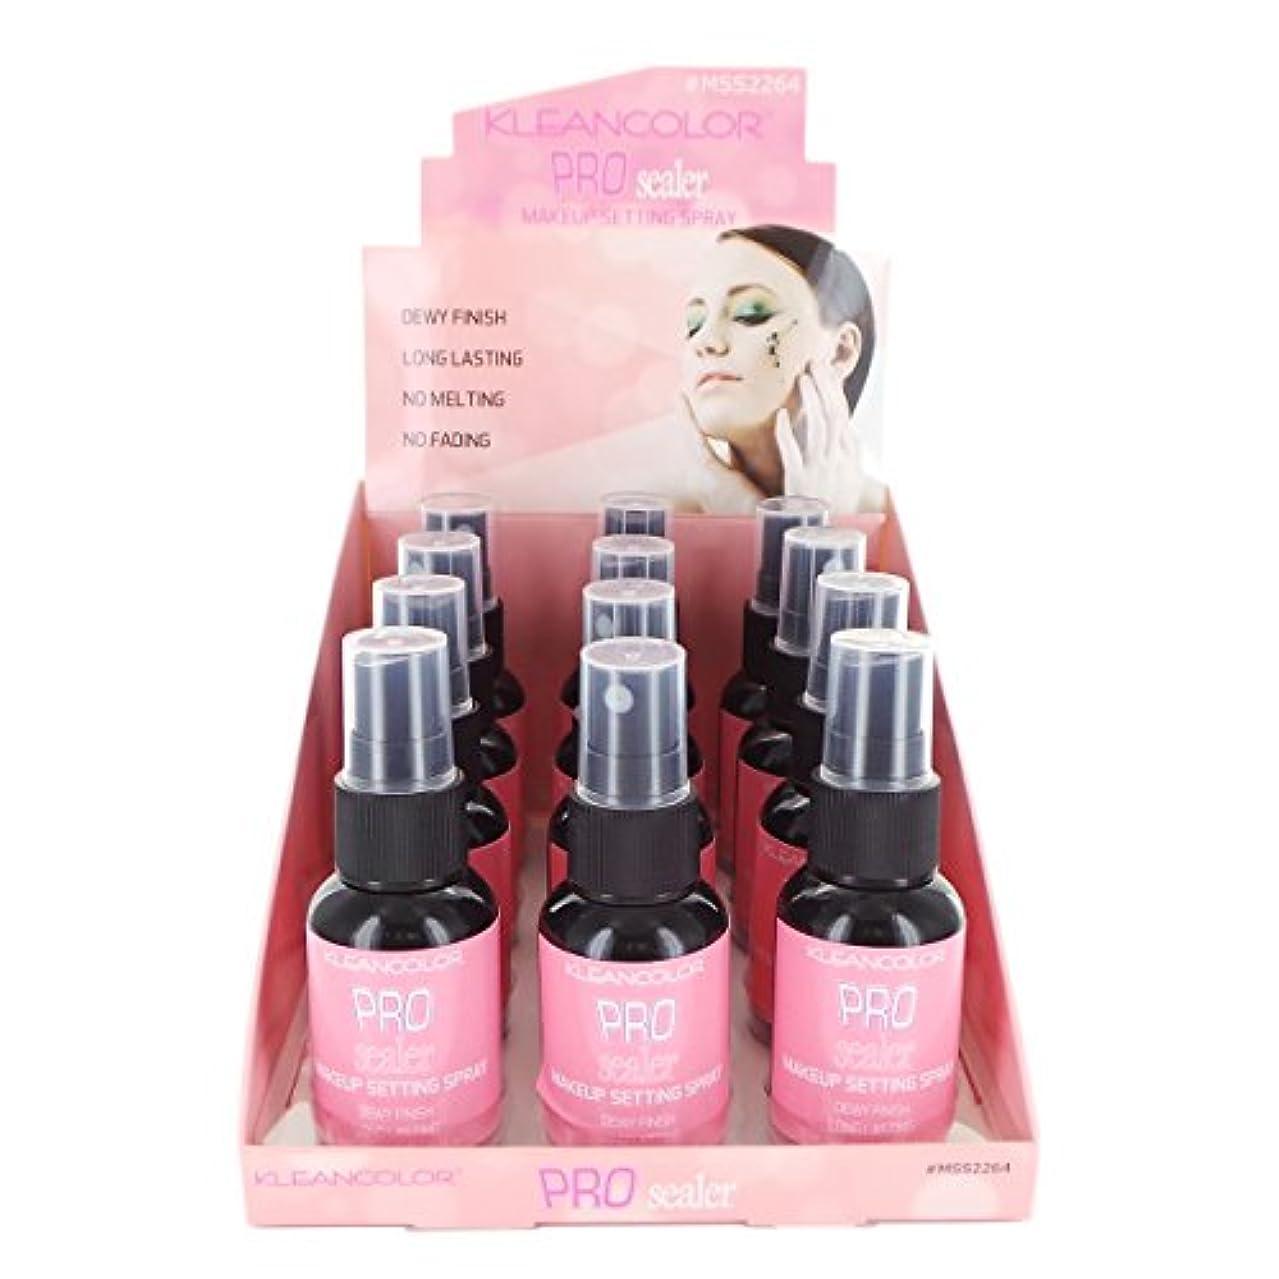 ジレンマスムーズに管理者KLEANCOLOR Pro Sealer Makeup Setting Spray Display Set, 12 Pieces (並行輸入品)